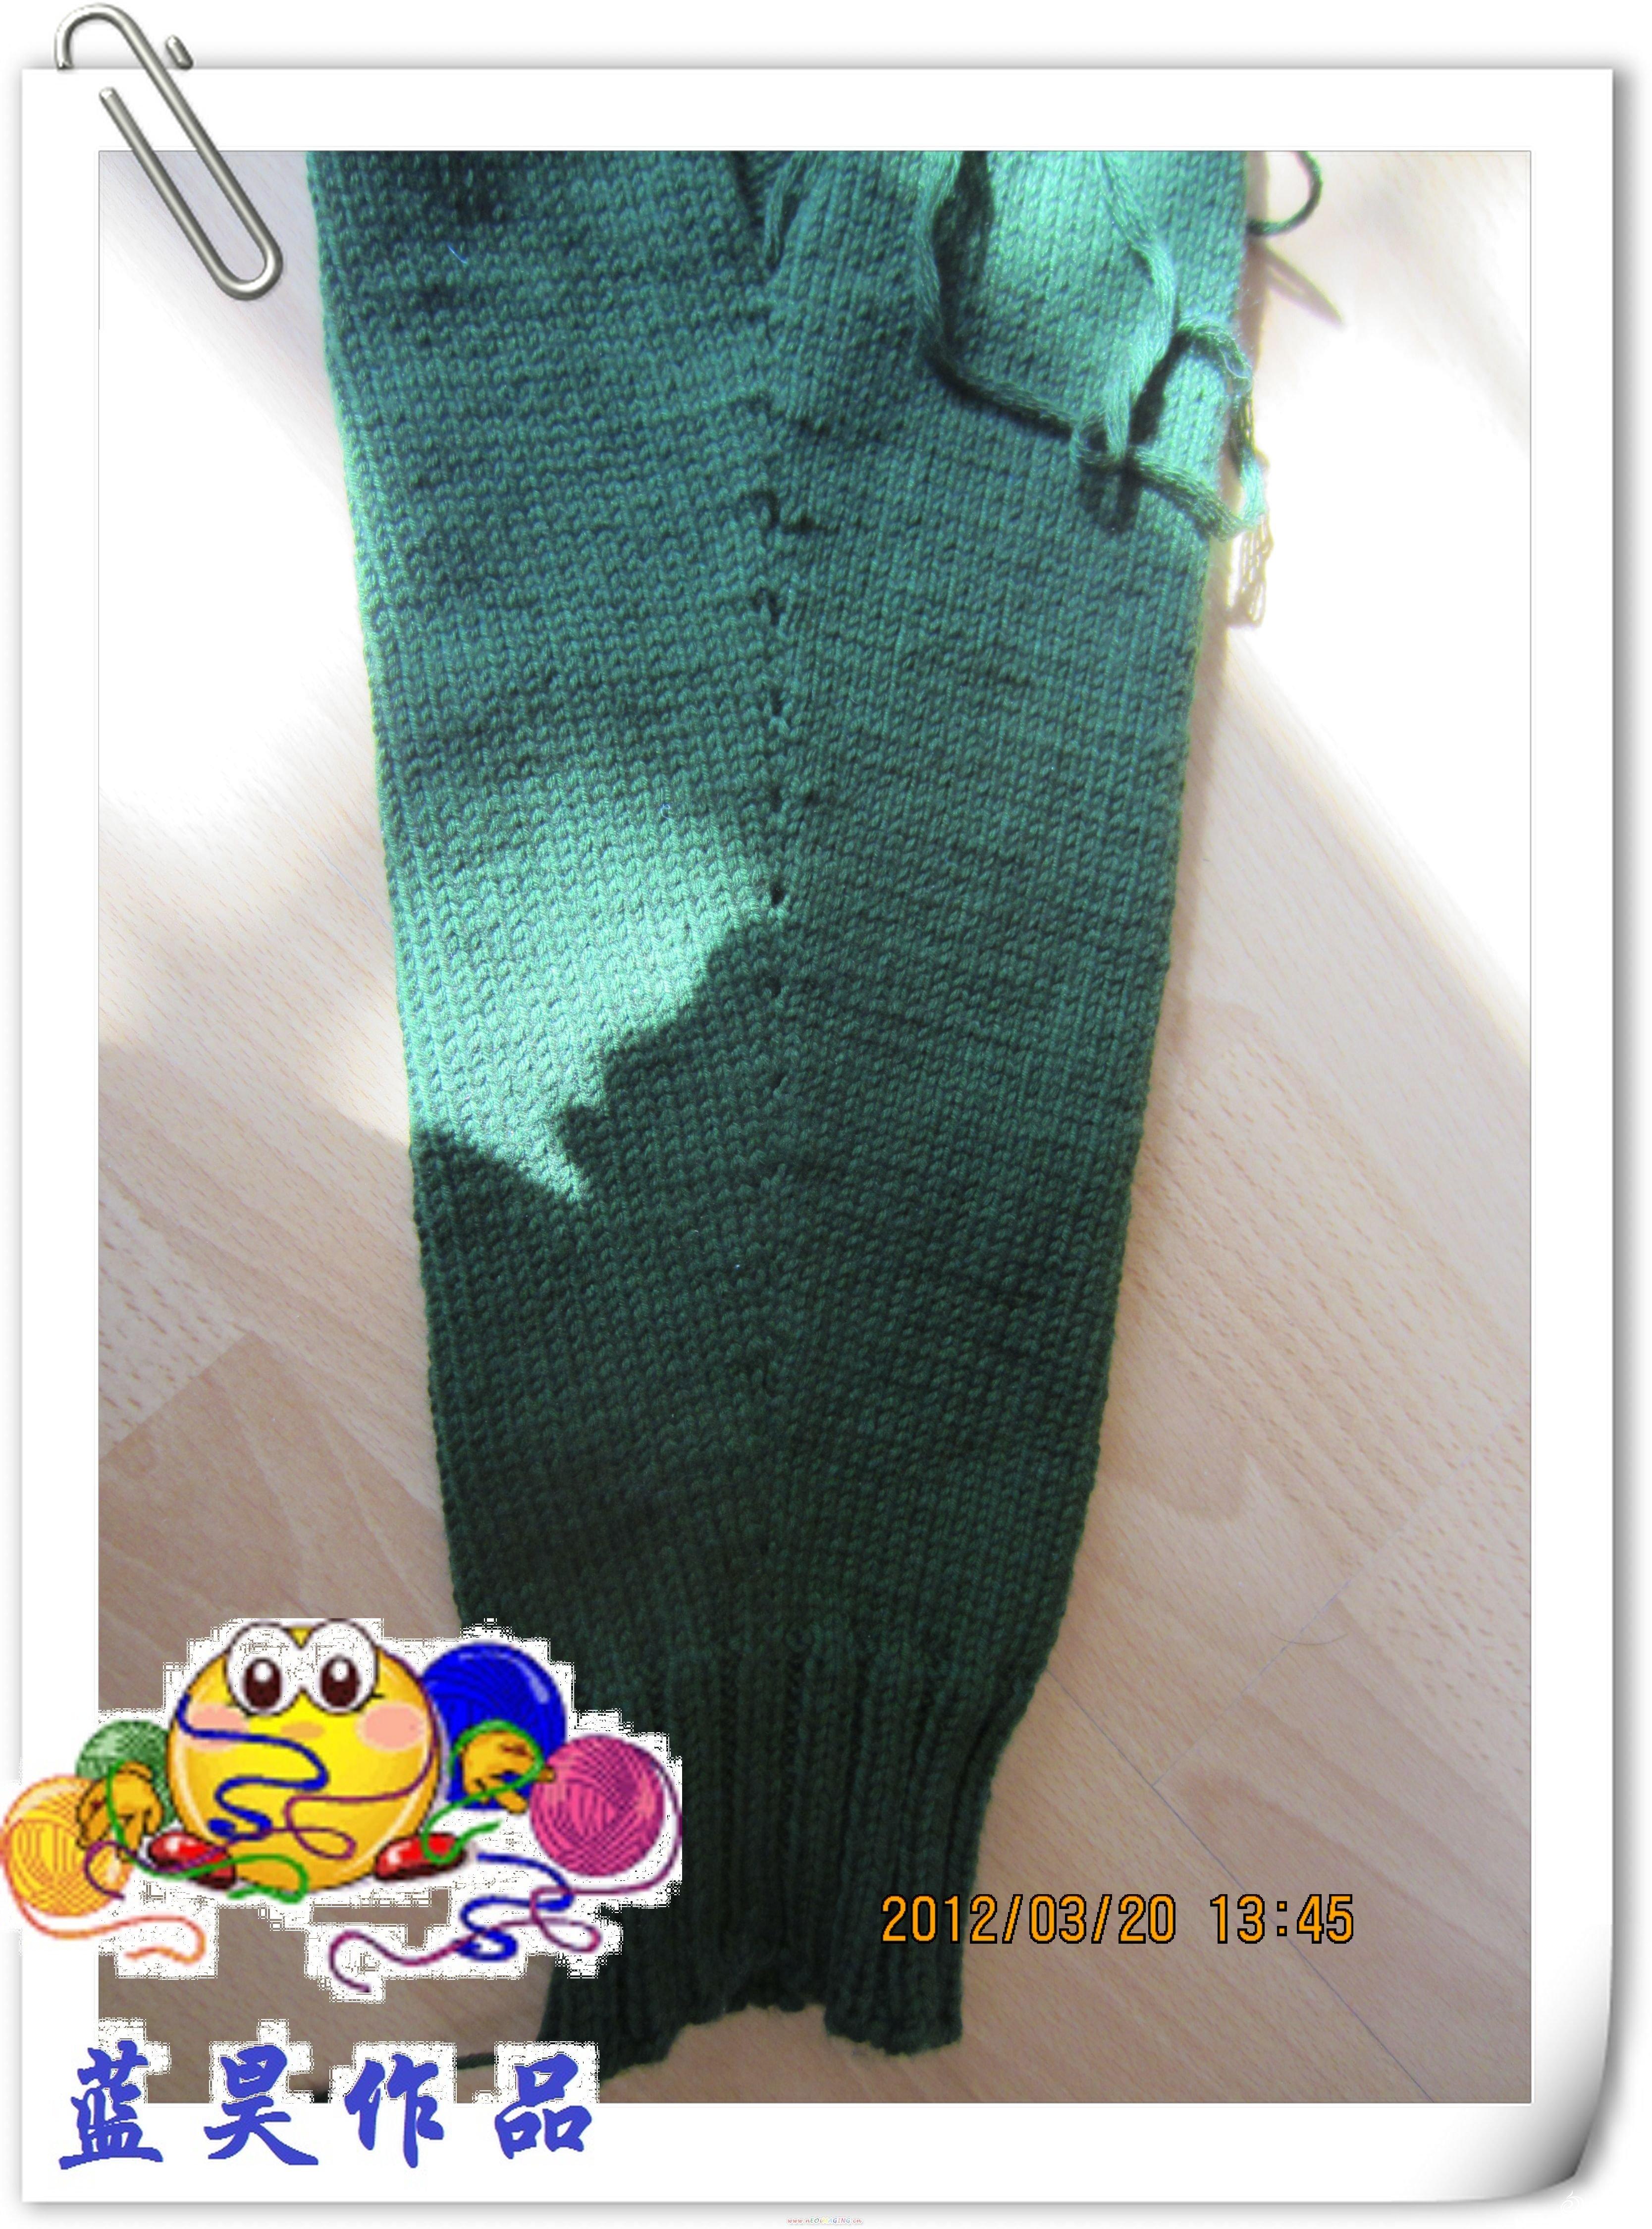 军绿正面缝合袖子1.jpg